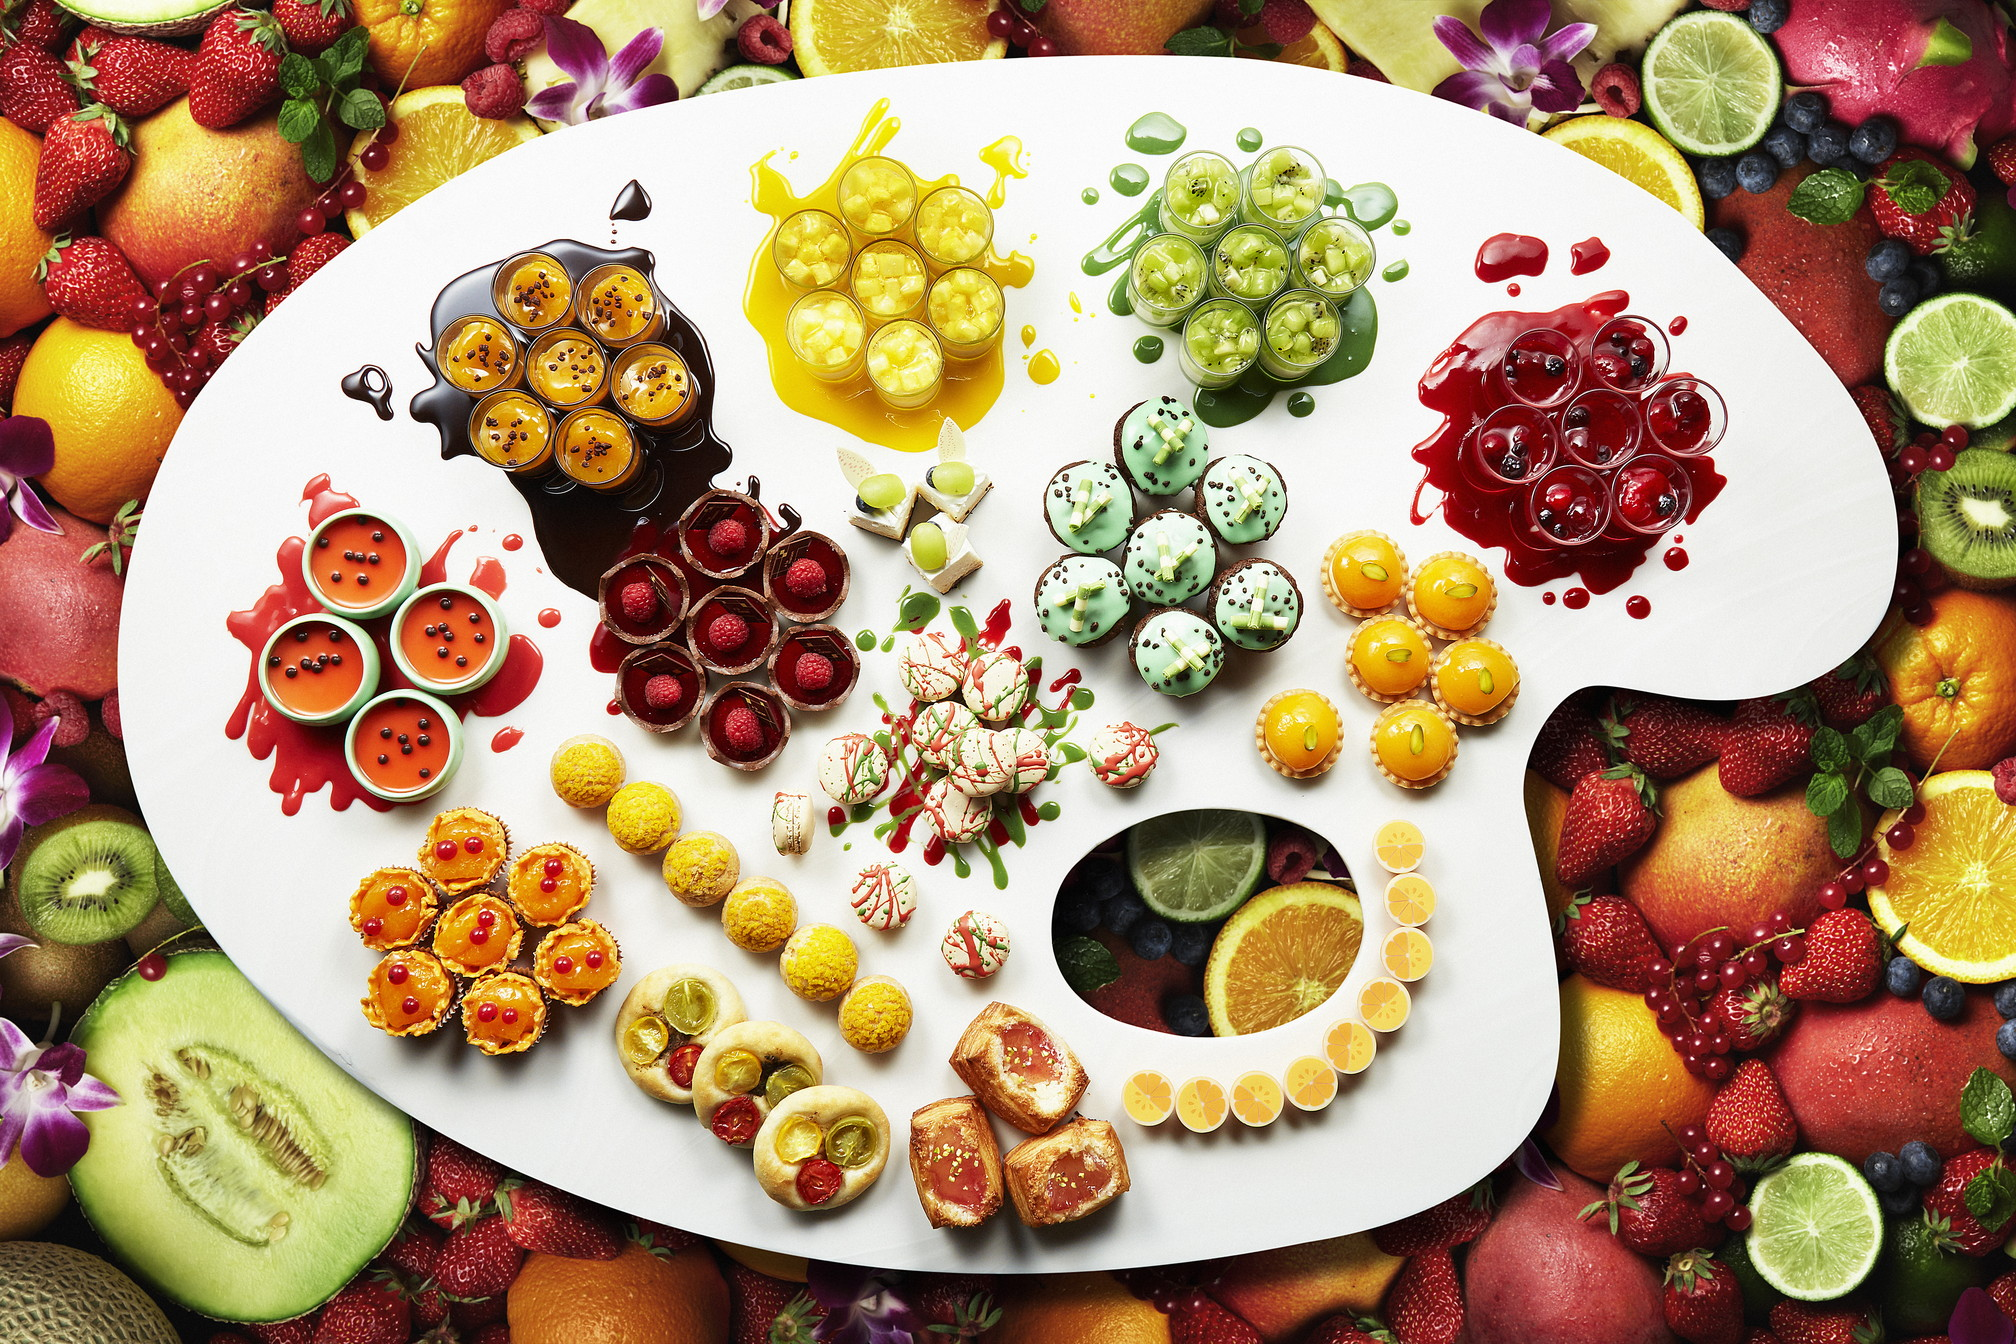 Ana Intercontinental Summer Fruits Palette Dessert Buffet